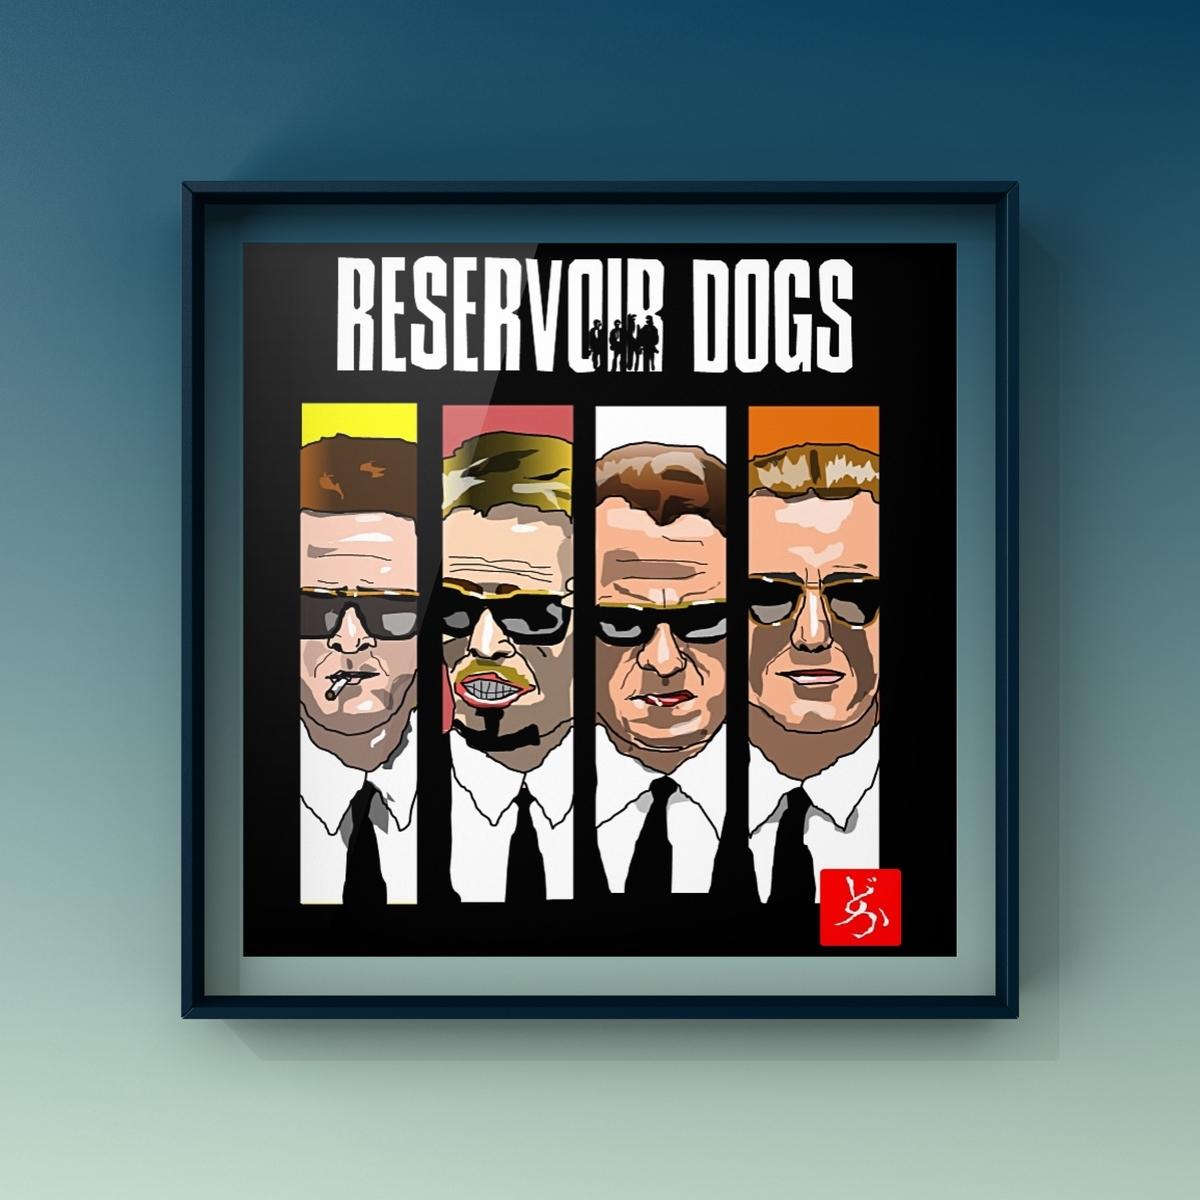 タランティーノのデビュー作「レザボア・ドッグス」のエクセル画額装版